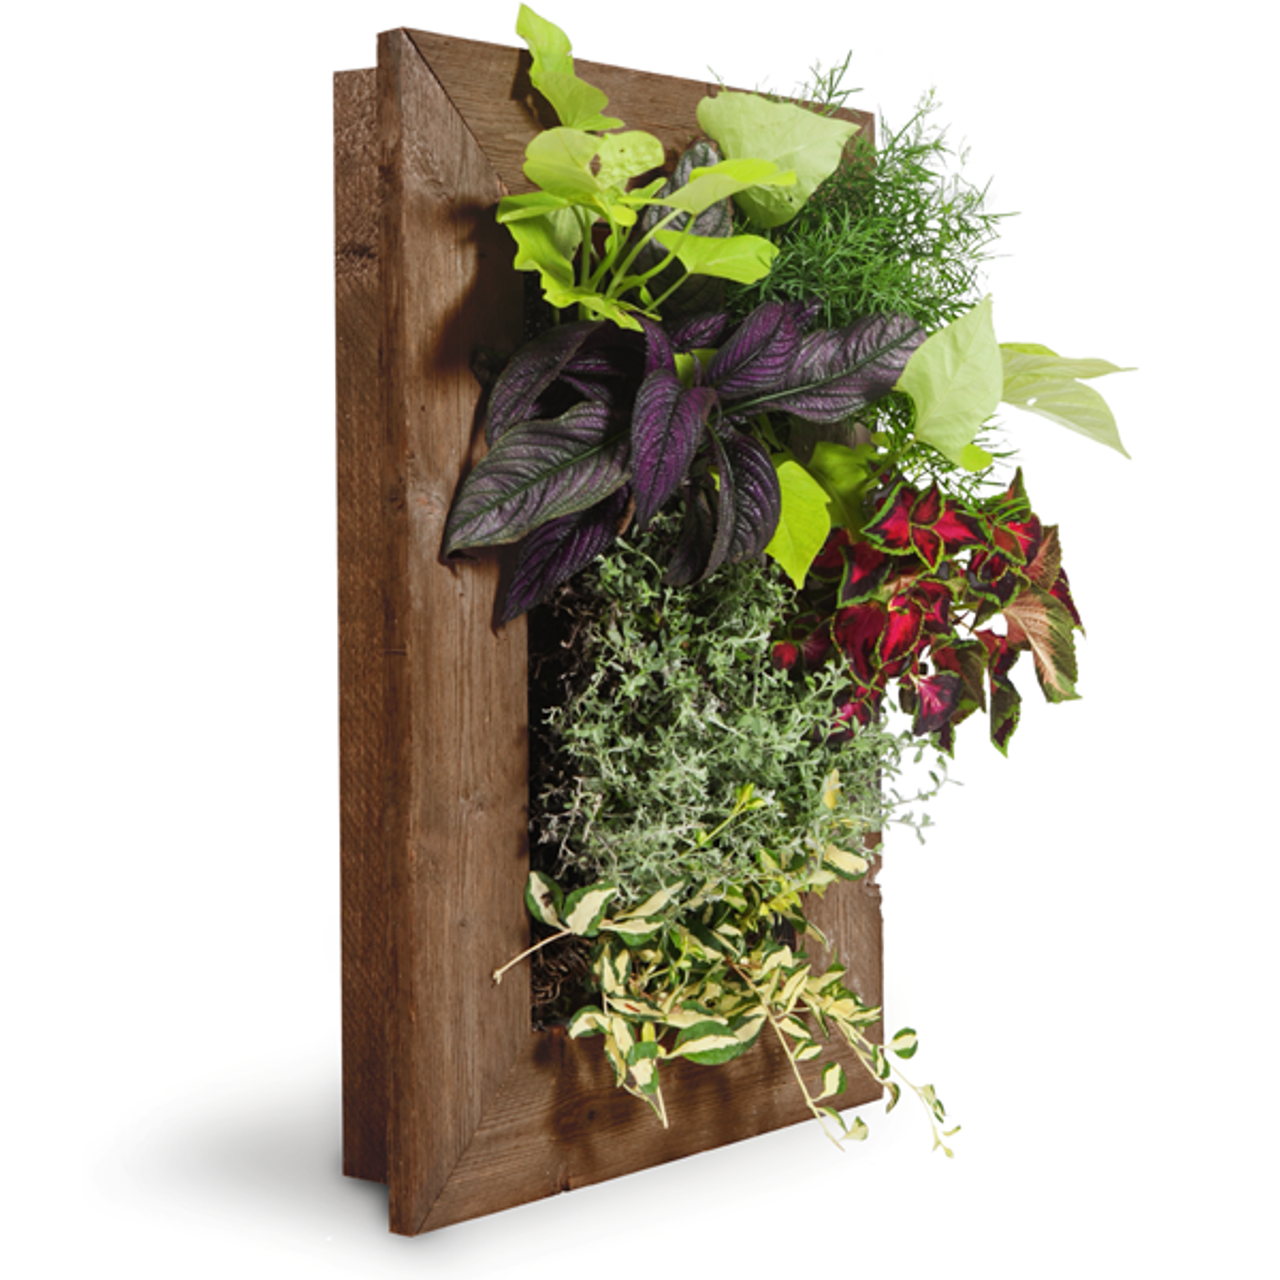 Grovert Living Wall Planter Ghostwood Frame Kit